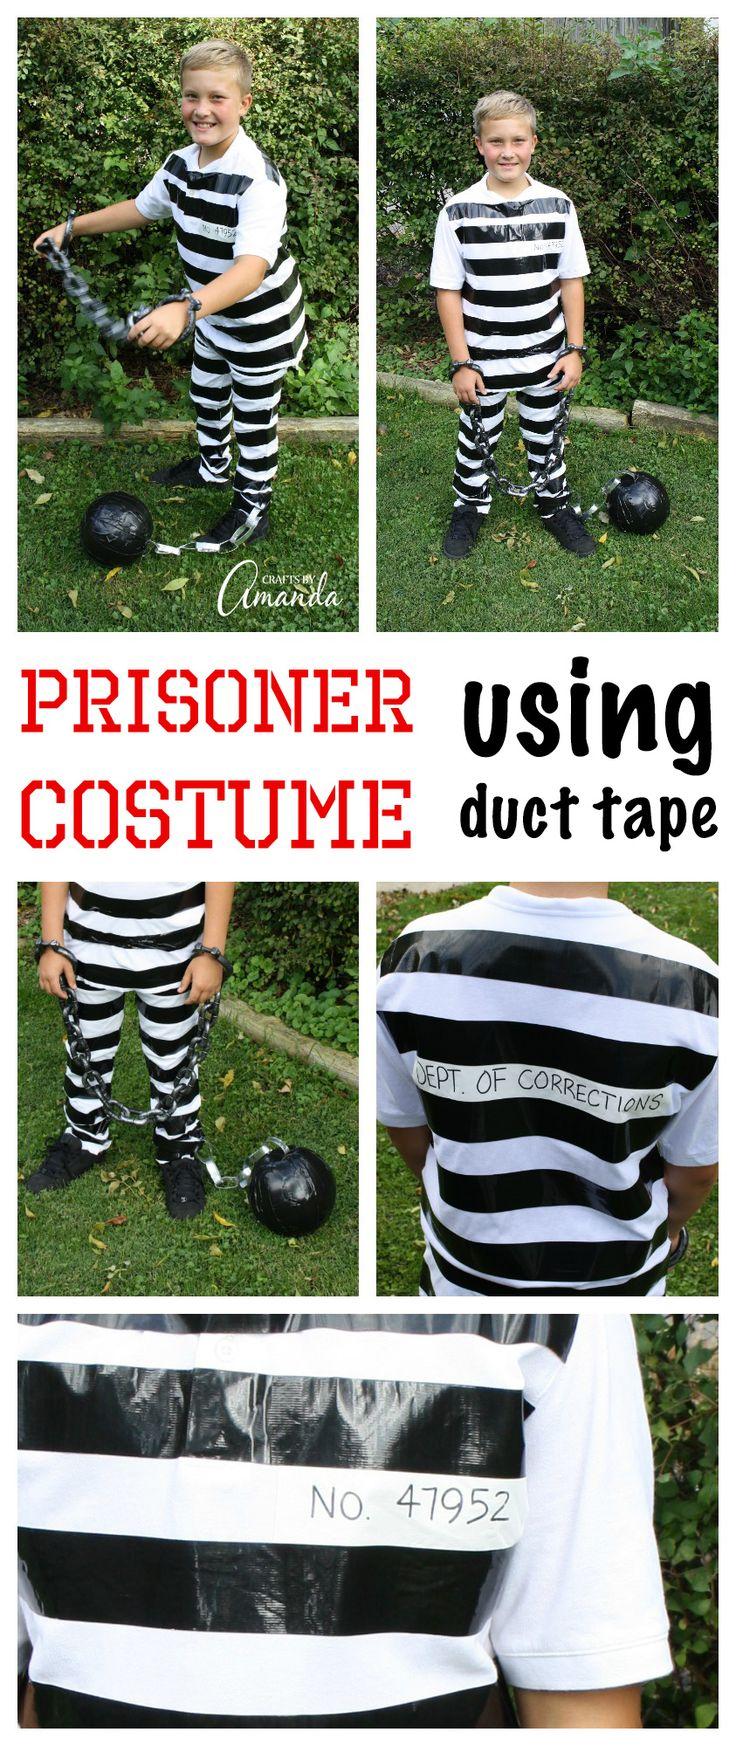 Pinterest'teki 25'den fazla en iyi Prison costume fikri | Harley quinn